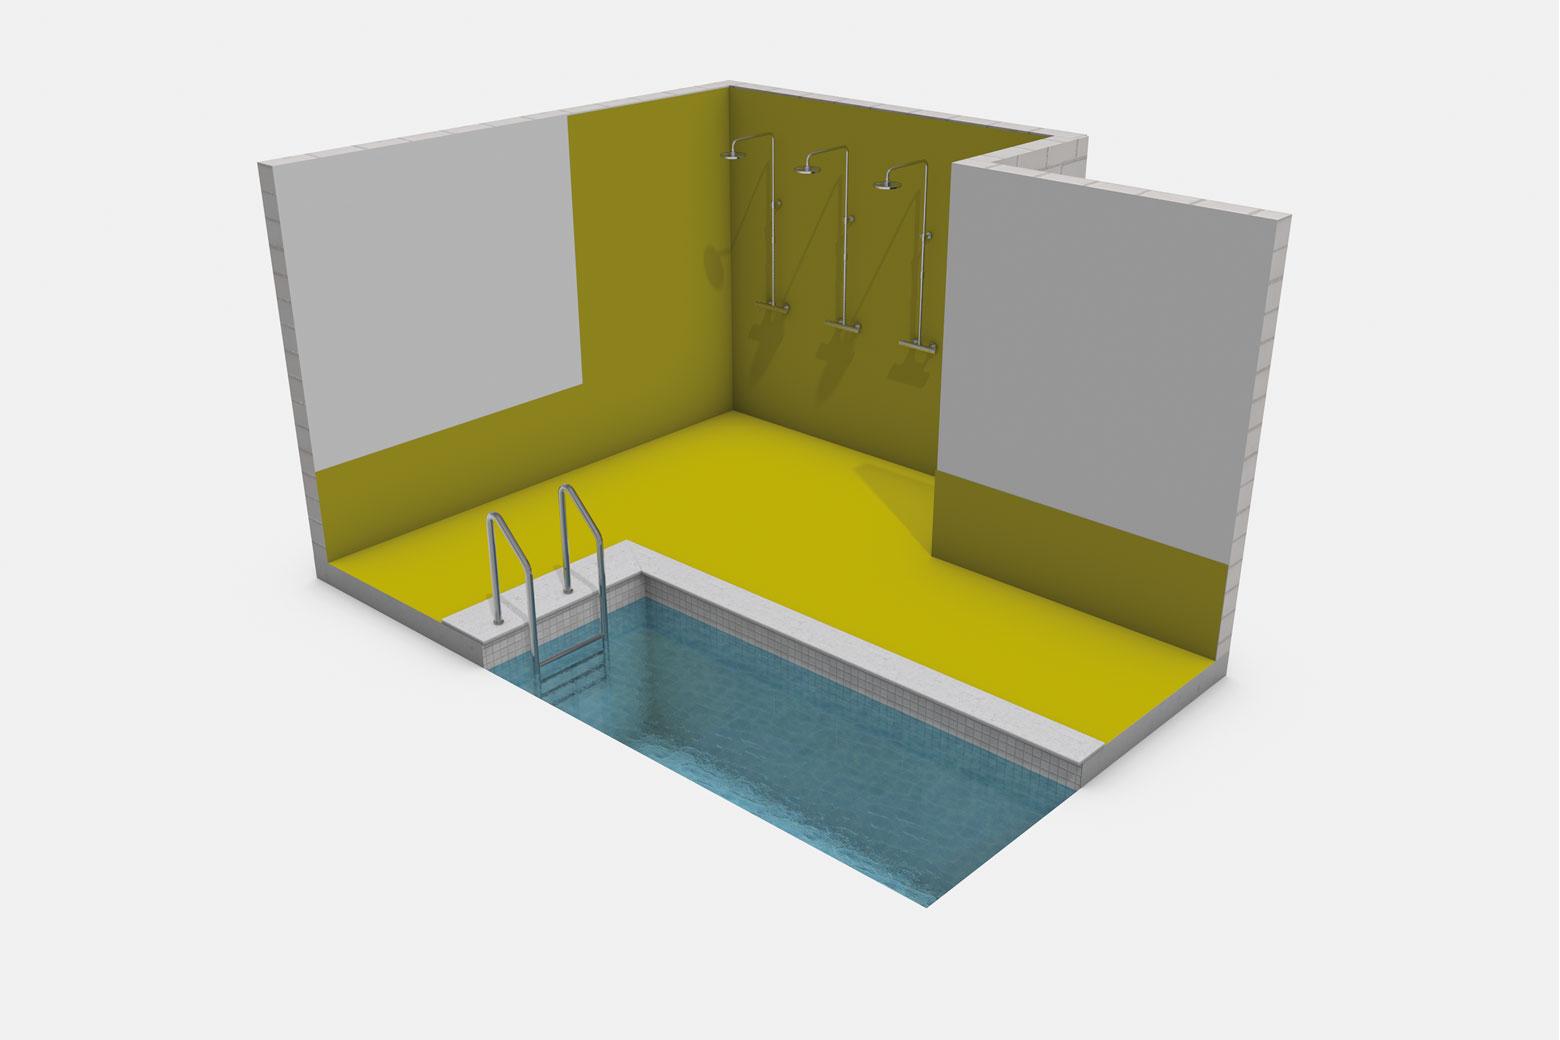 Reihendusche in Sportstätte sowie Umgänge von Schwimmbecken